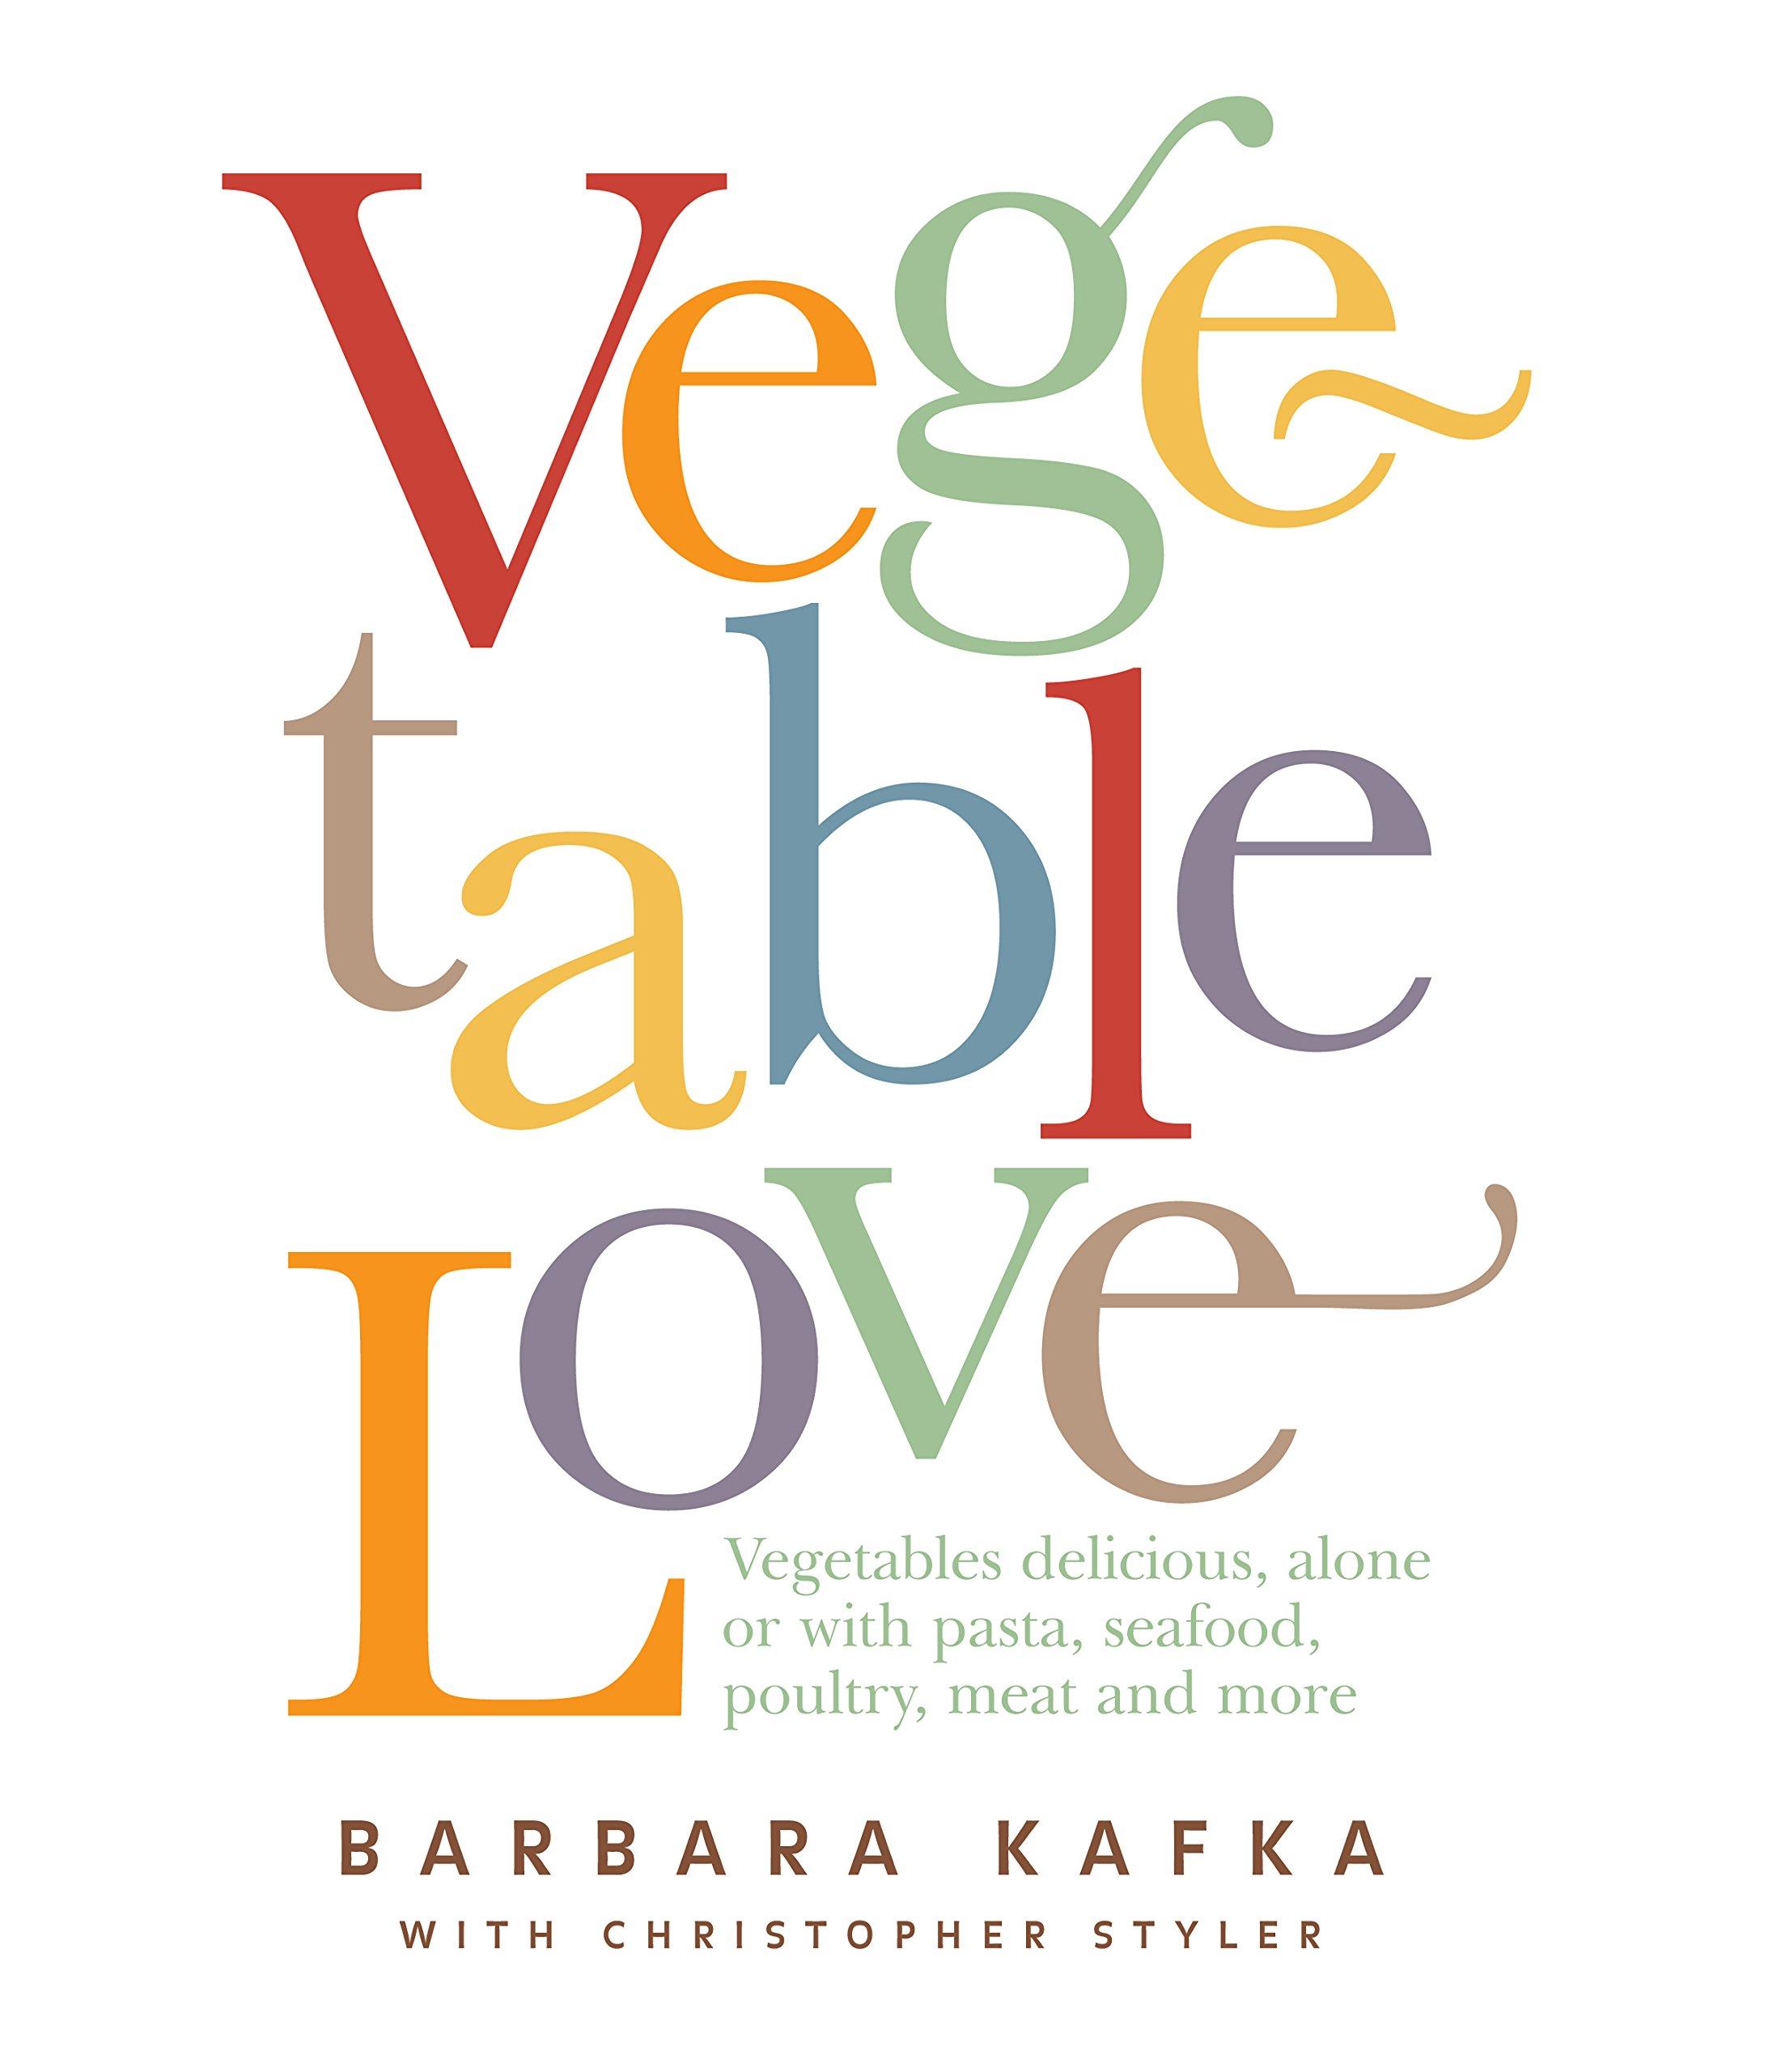 Vegetable Love Barbara Kafka product image